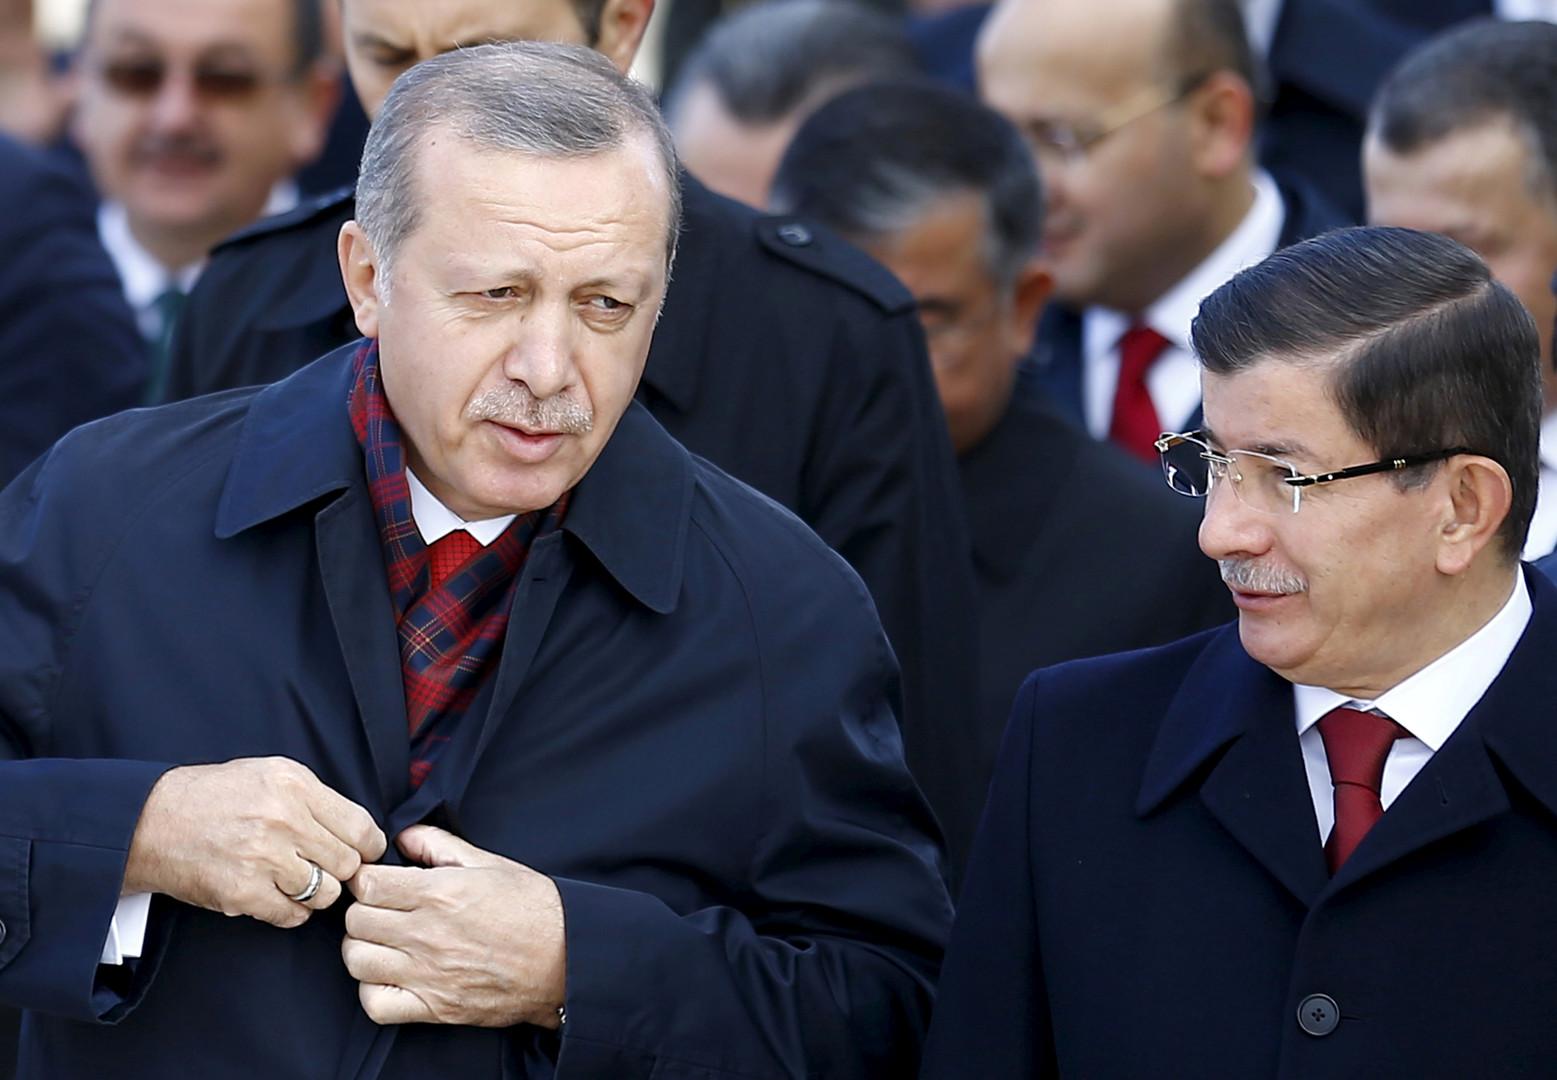 رئيس الوزراء التركي الأسبق، أحمد داوود أوغلو، ورئيس تركيا، رجب طيب أردوغان